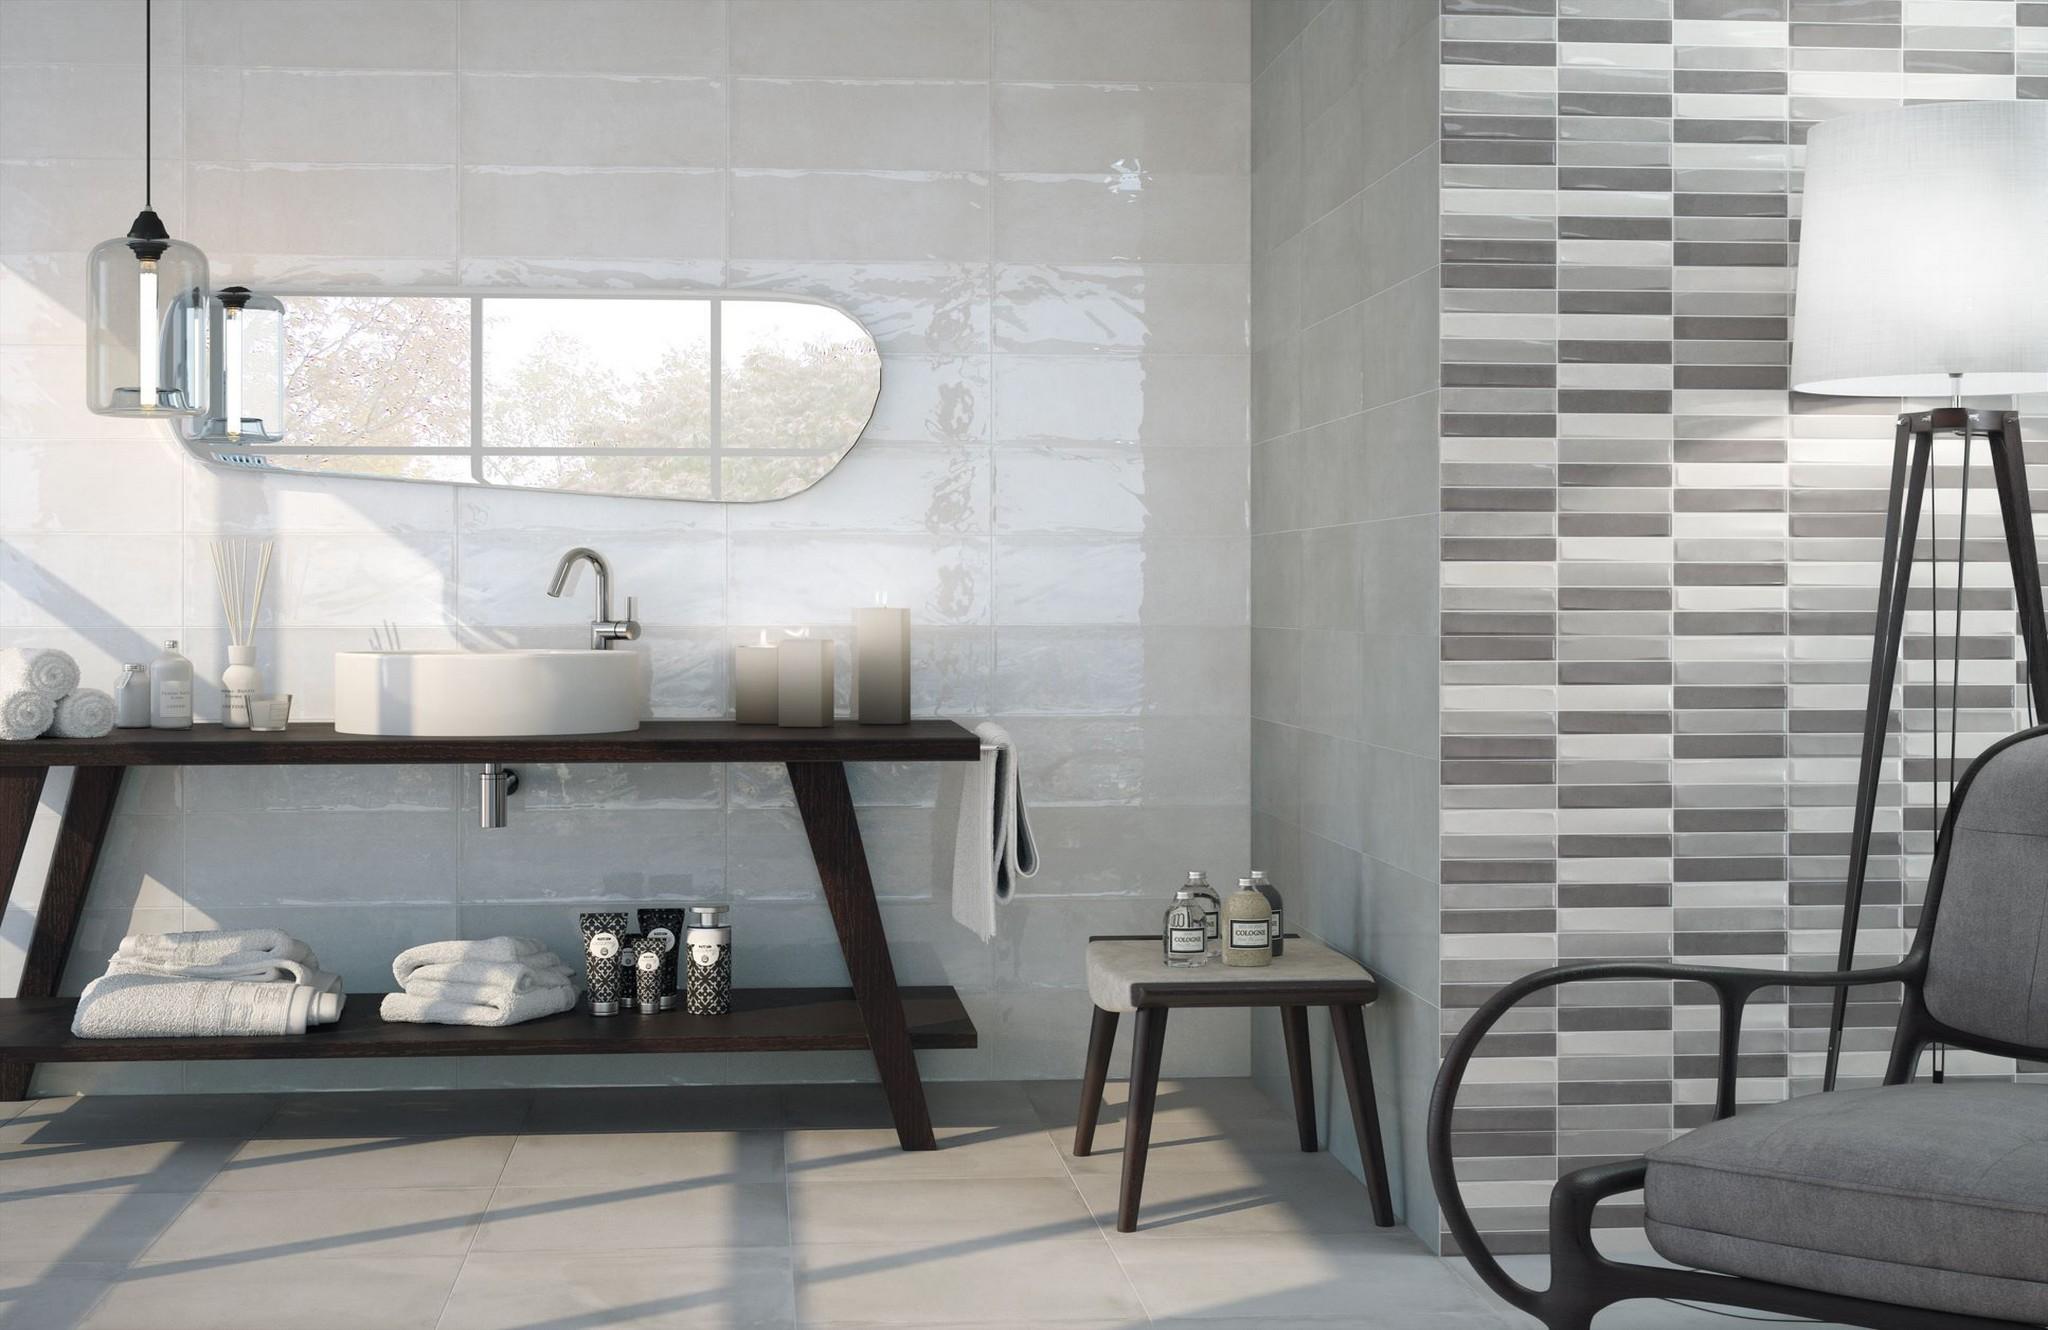 Faience salle de bain cifre serie madison 20x50 1 choix - Faience salle de bain discount ...